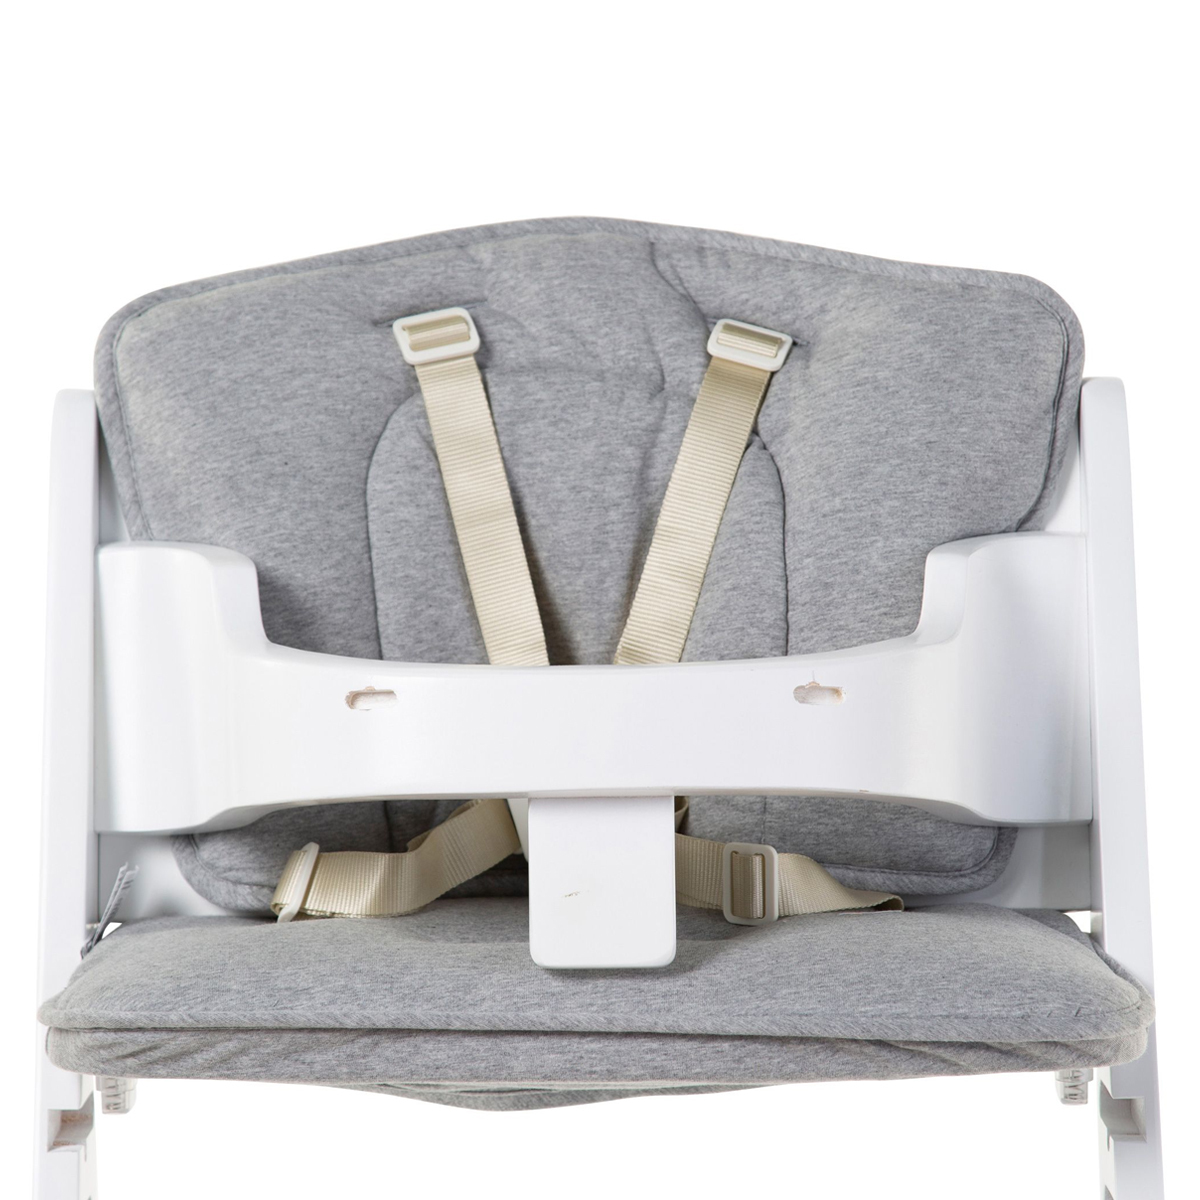 Chaise haute Coussin de Chaise Haute Kitgrow Jersey - Gris Chiné Coussin de Chaise Haute Kitgrow Jersey - Gris Chiné